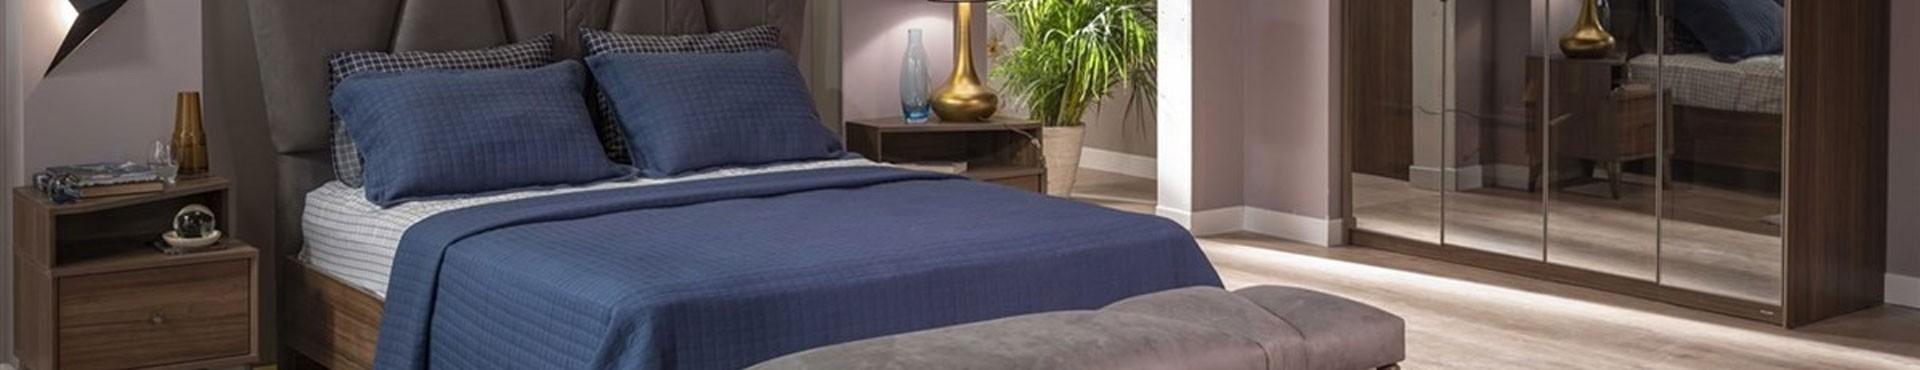 Set Dormitor | Mobila de calitate Bellona